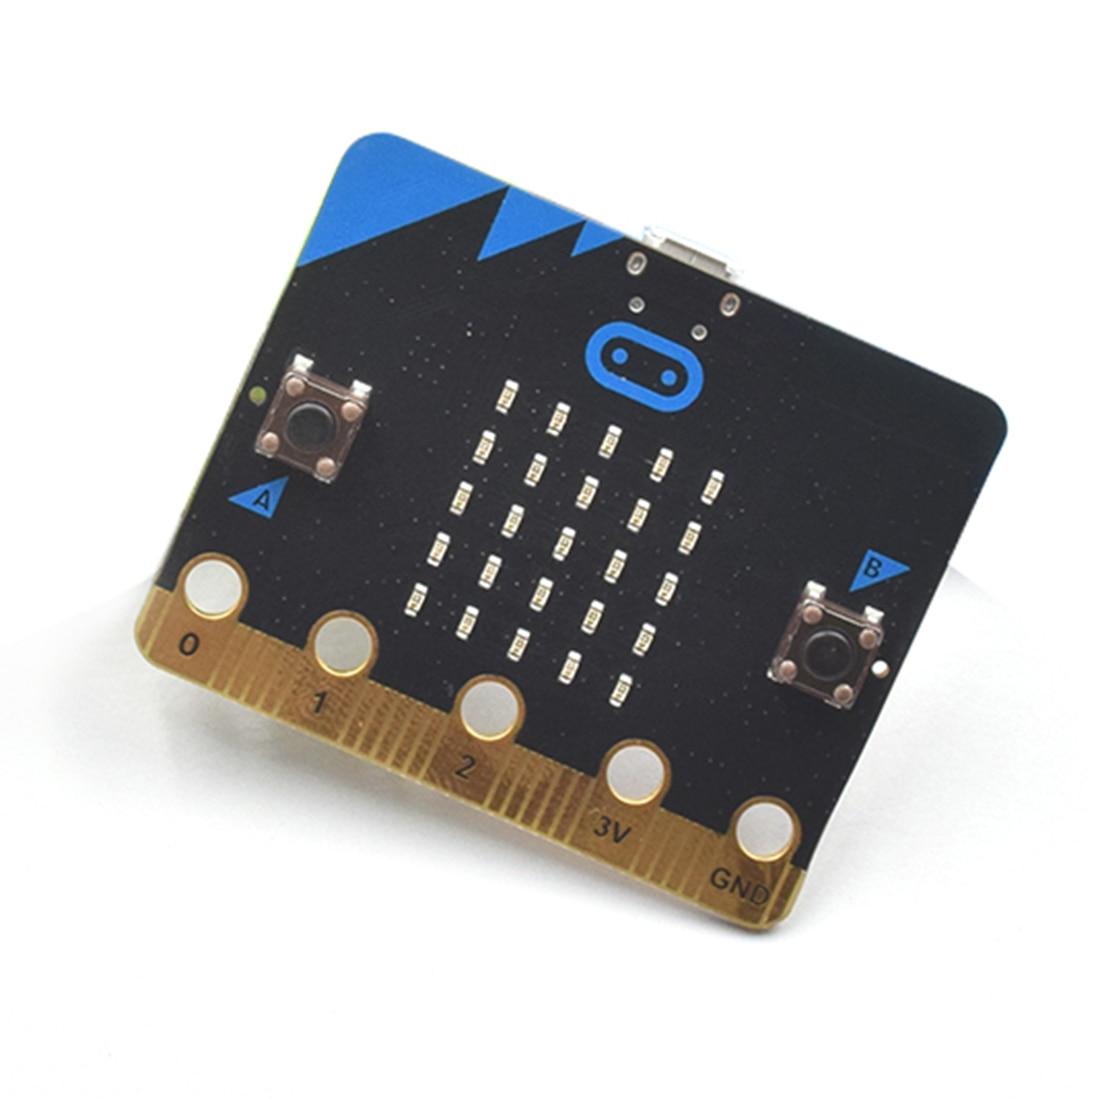 Rowsfire 1 Kit de capteur de démarrage de programmation graphique Microbit pour enfants Adilt cadeaux créatifs - 2